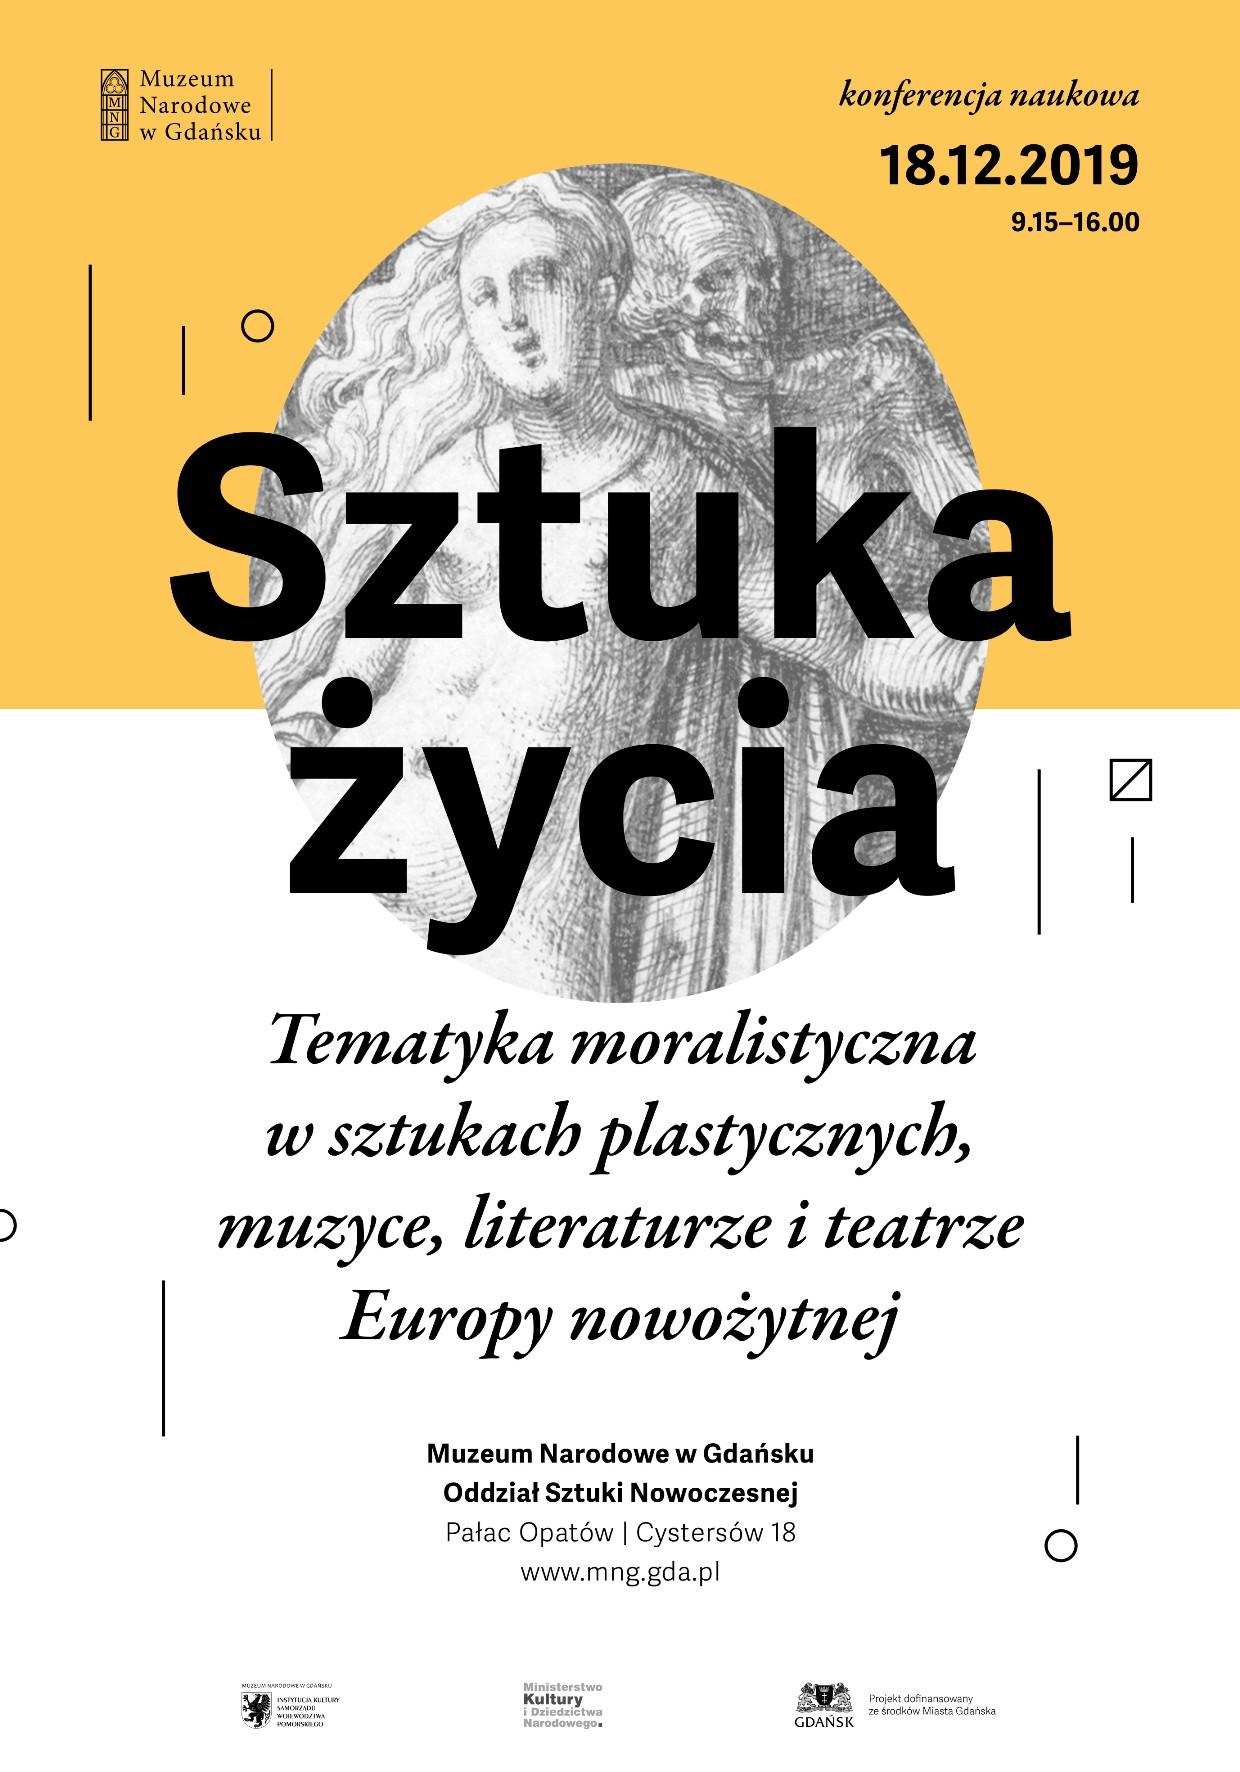 Plakat konferencji Sztuka życia